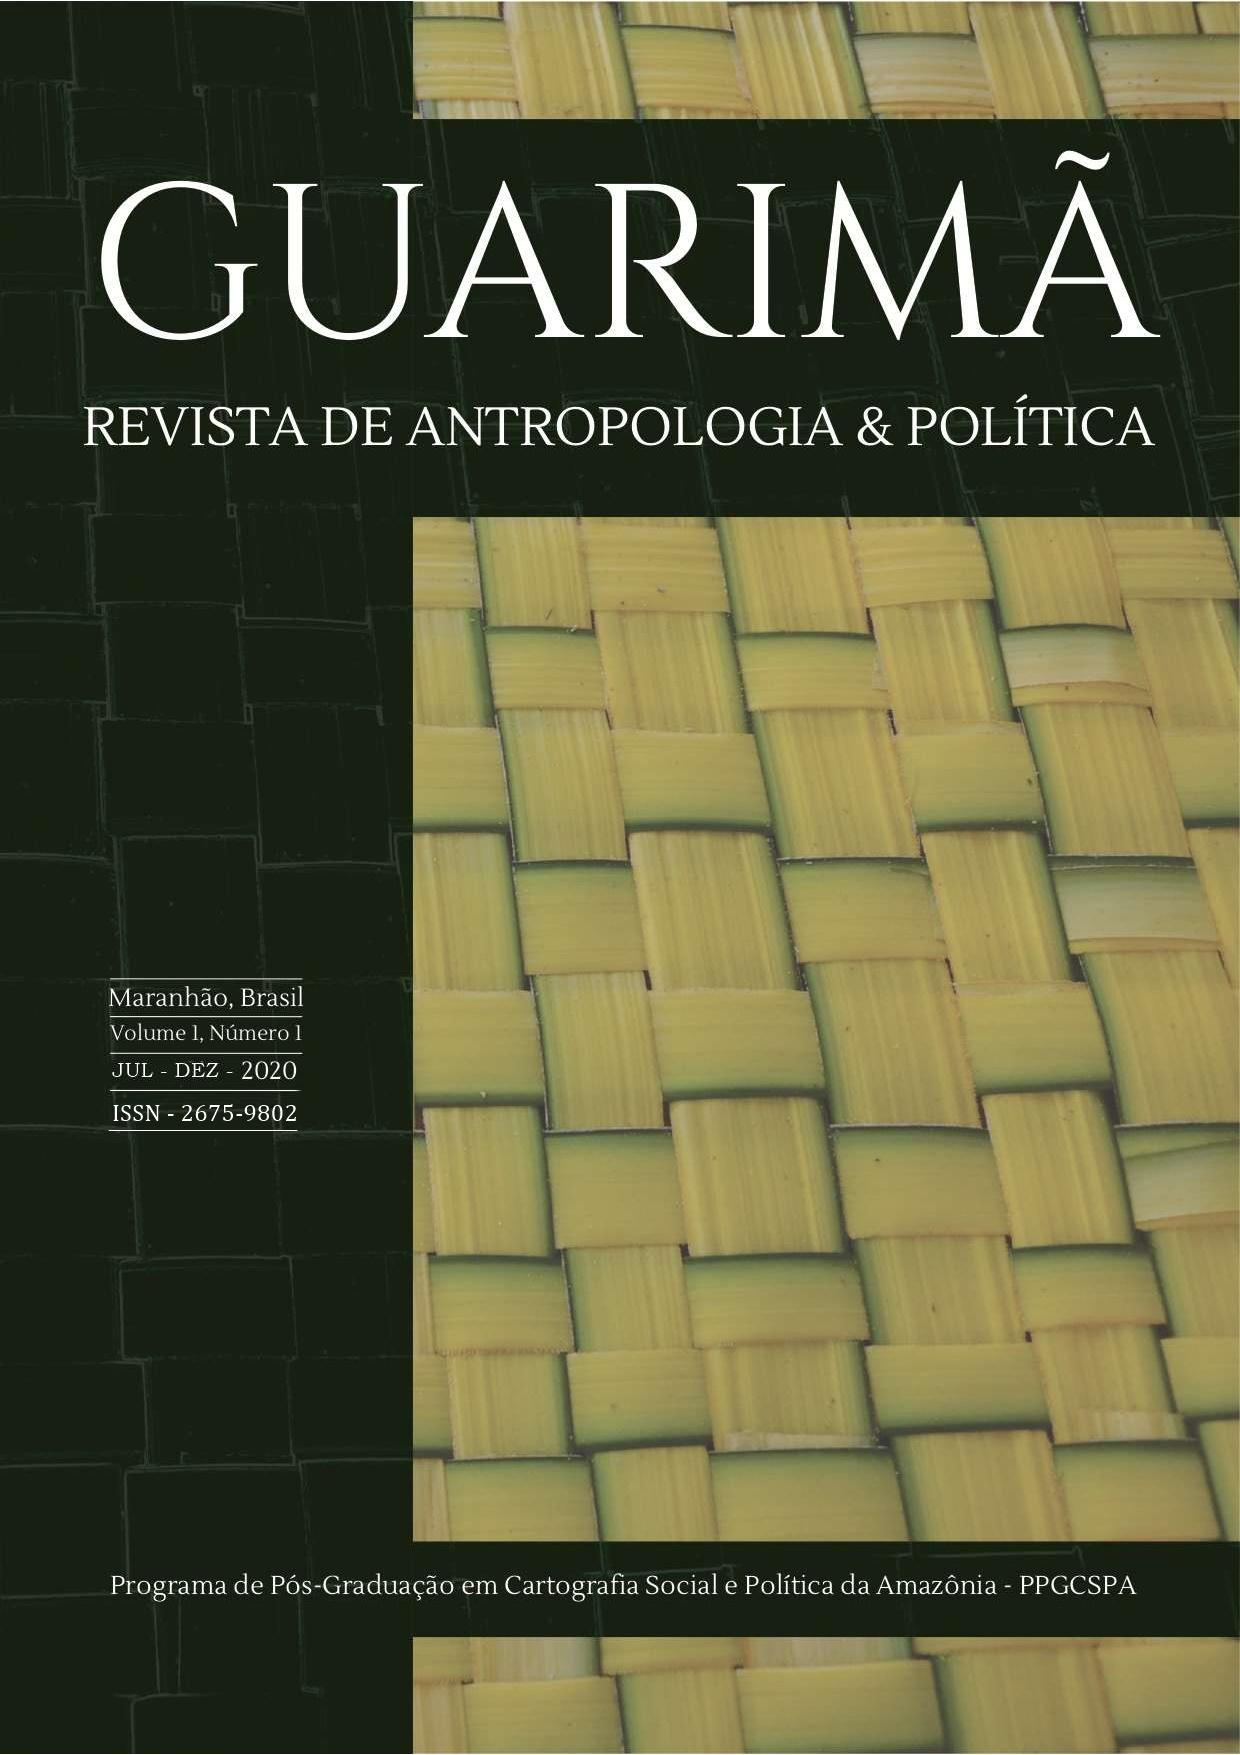 Visualizar v. 1 n. 1 (2020): GUARIMÃ – REVISTA DE ANTROPOLOGIA & POLÍTICA